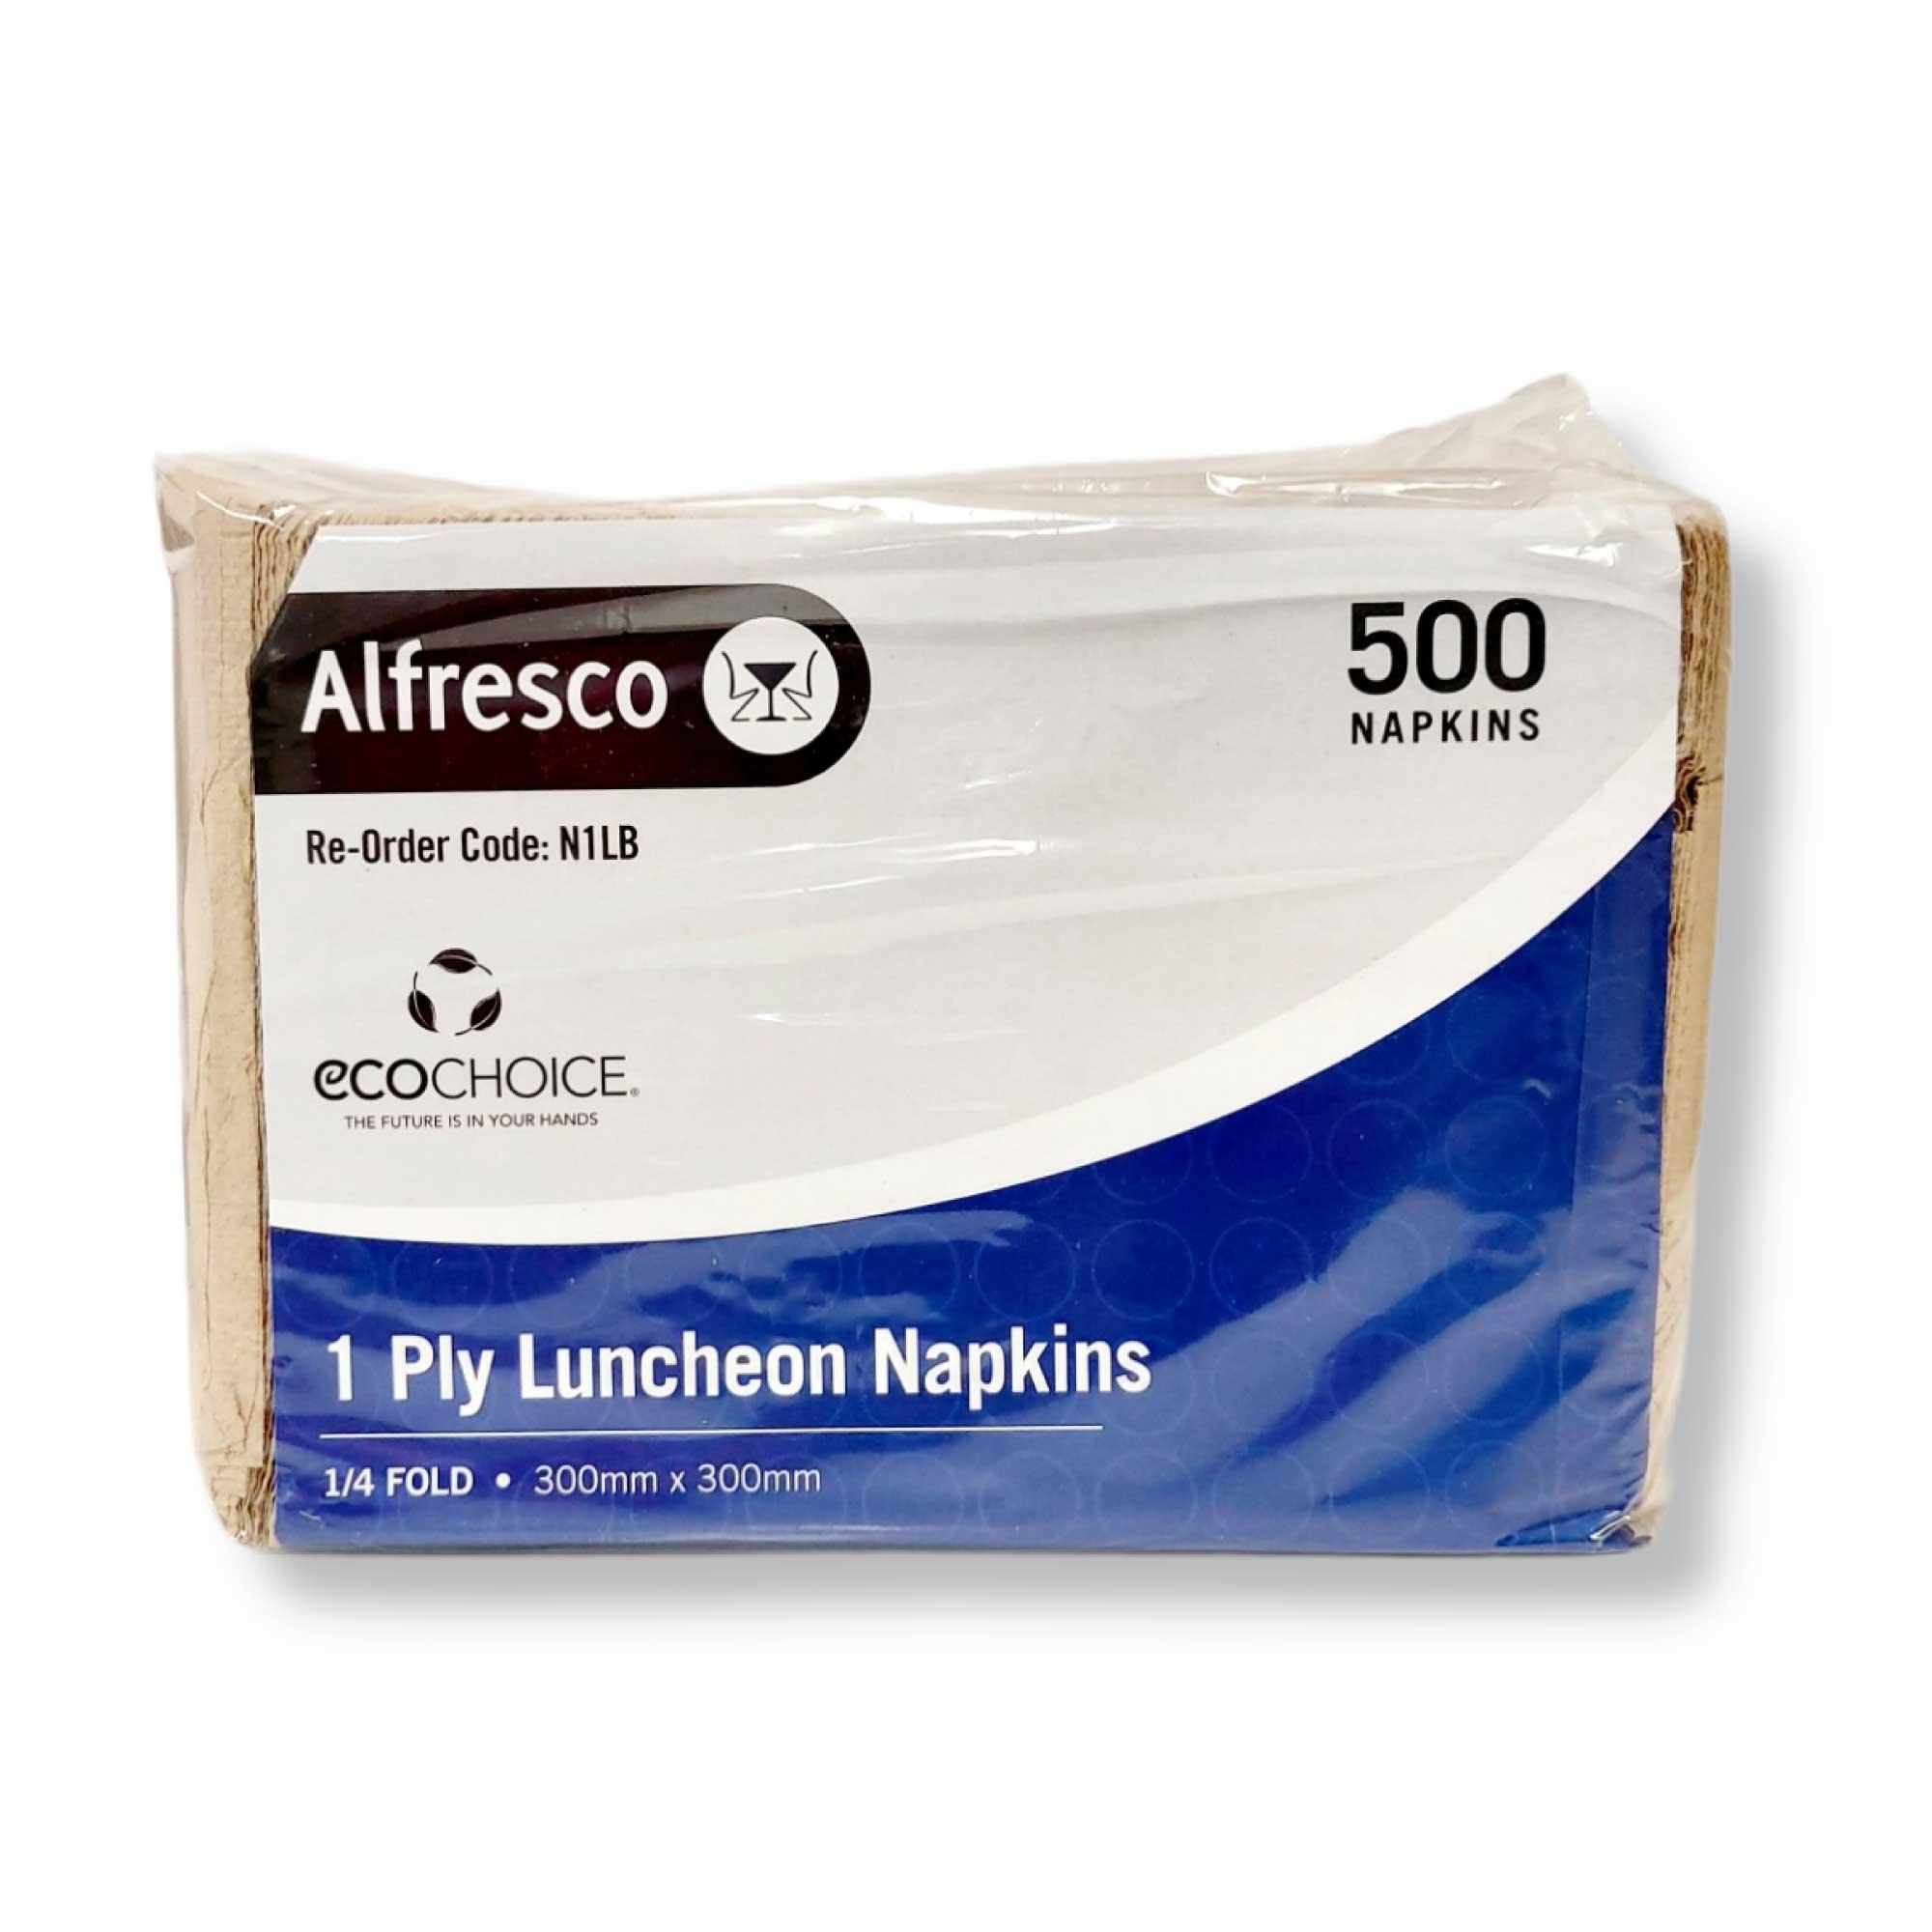 500 Pkt Luncheon Napkins Compostable Brown Paper Eco Serviettes 30x30cm 1Ply